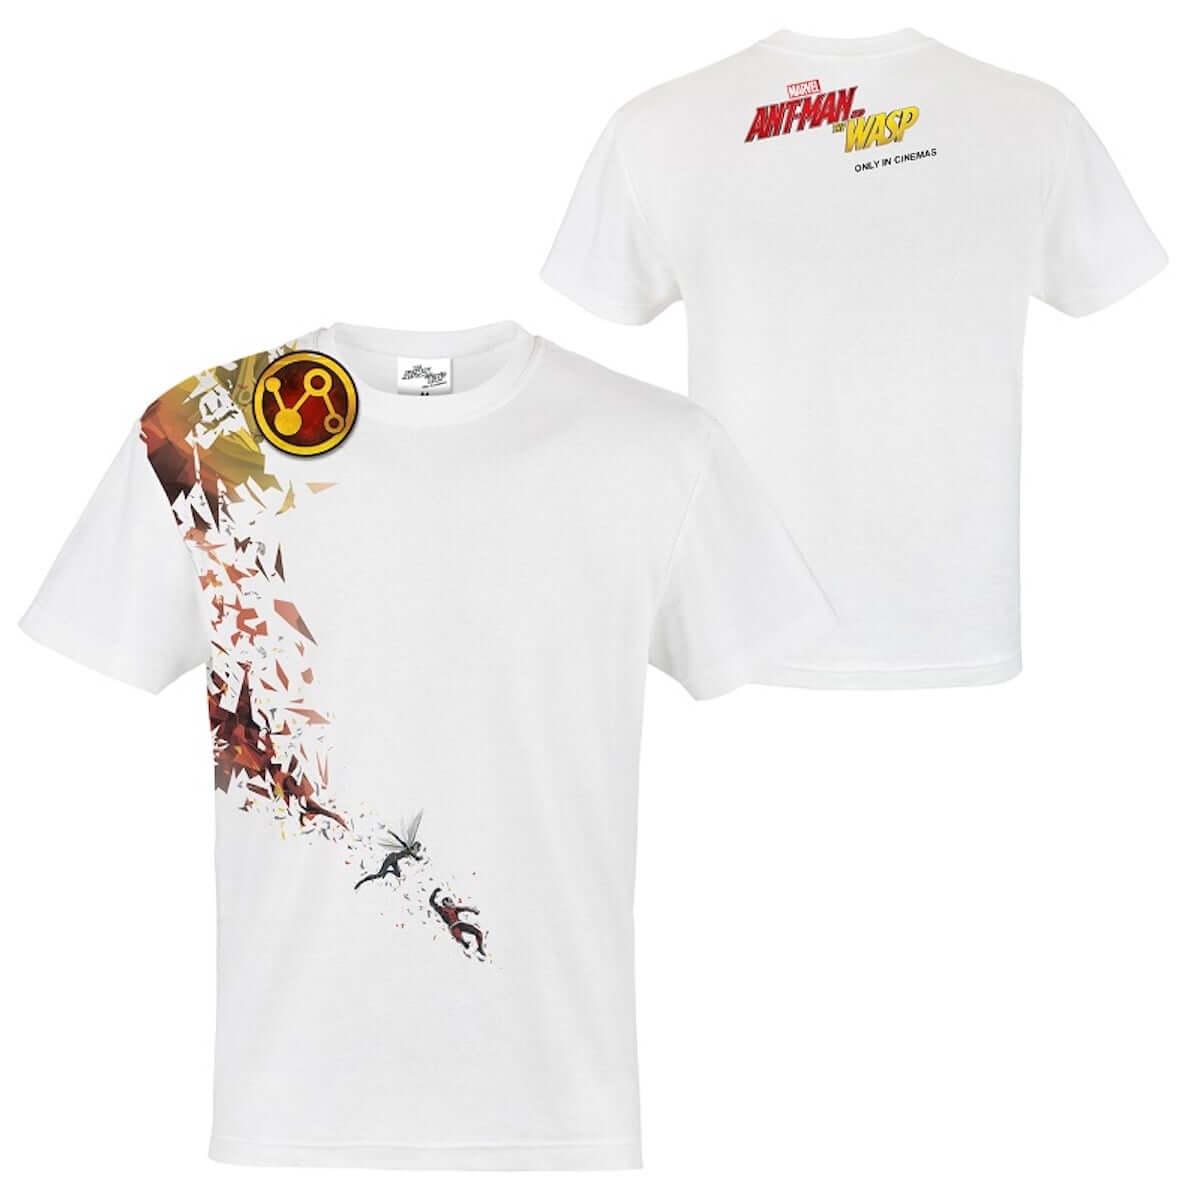 マーベル・スタジオ最新作『アントマン&ワスプ』Tシャツをプレゼント! film180830_antman-wasp-t-shirt-1200x1200